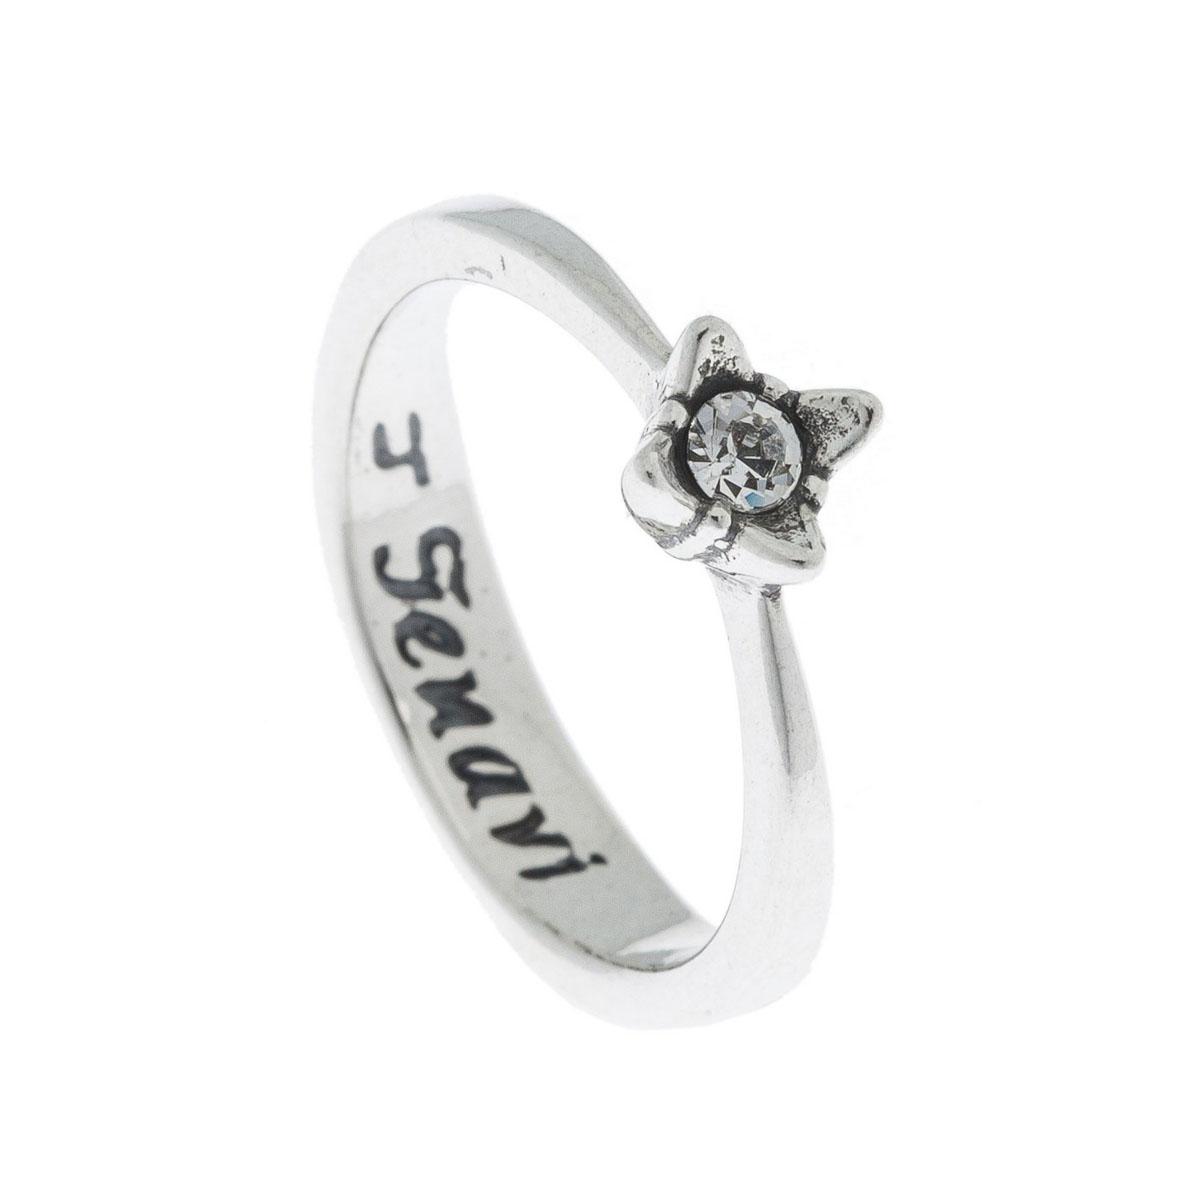 Кольцо Jenavi Эси, цвет: серебро, белый. k4993000. Размер 17Коктейльное кольцоКоллекция Э, Эси (Кольцо) гипоаллергенный ювелирный сплав,Черненое серебро, вставка Кристаллы Swarovski